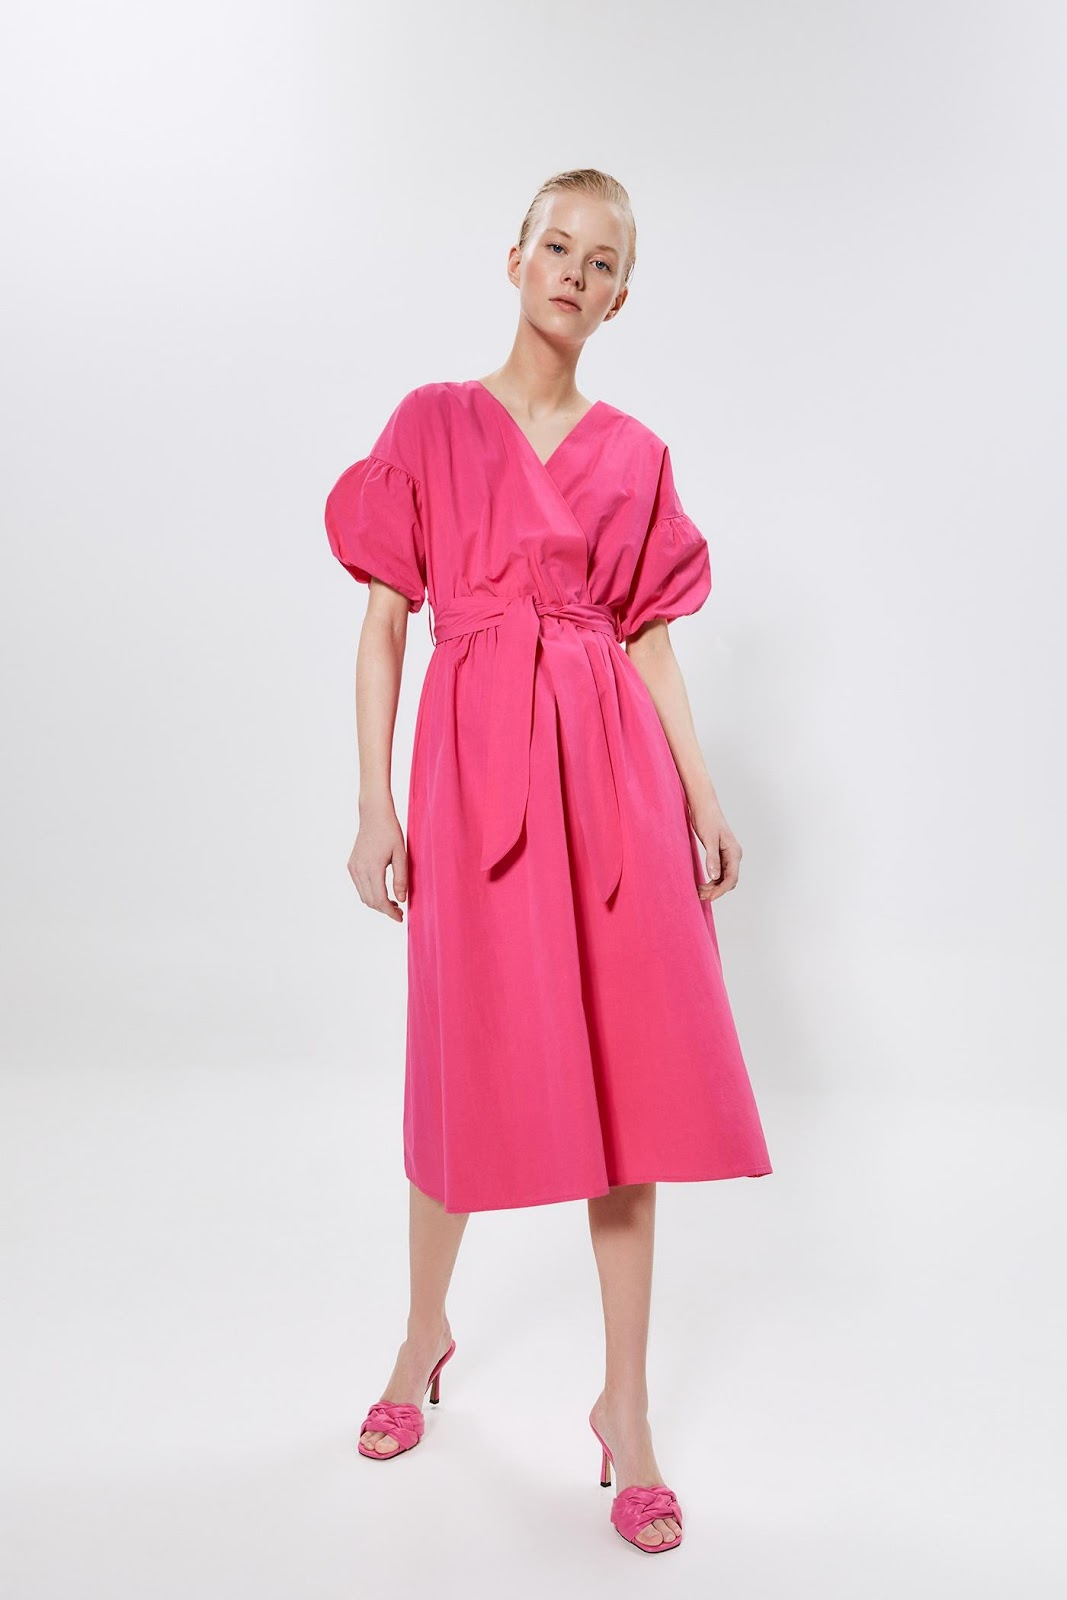 Imagen que contiene ropa, vestido, parado, rosa  Descripción generada automáticamente